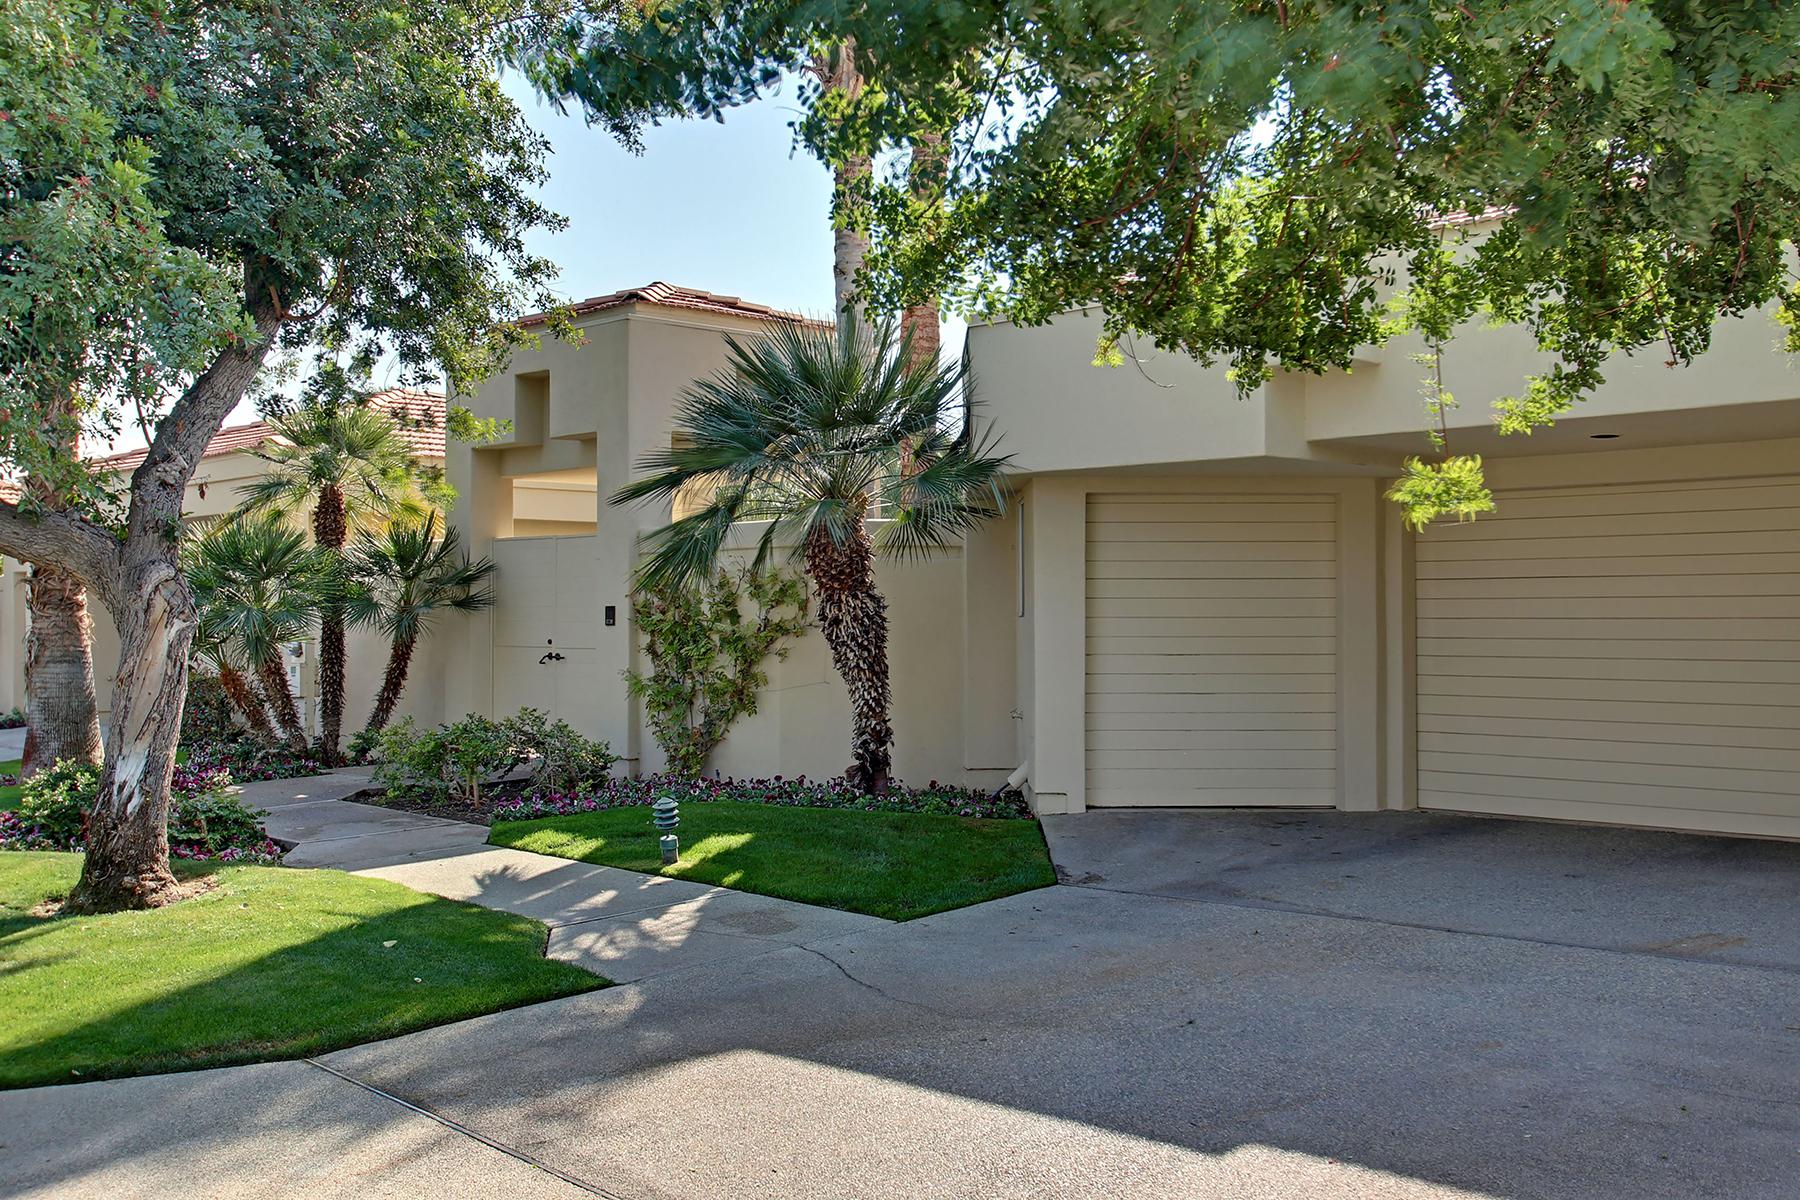 独户住宅 为 销售 在 75303 14th Green Drive Indian Wells, 加利福尼亚州, 92210 美国